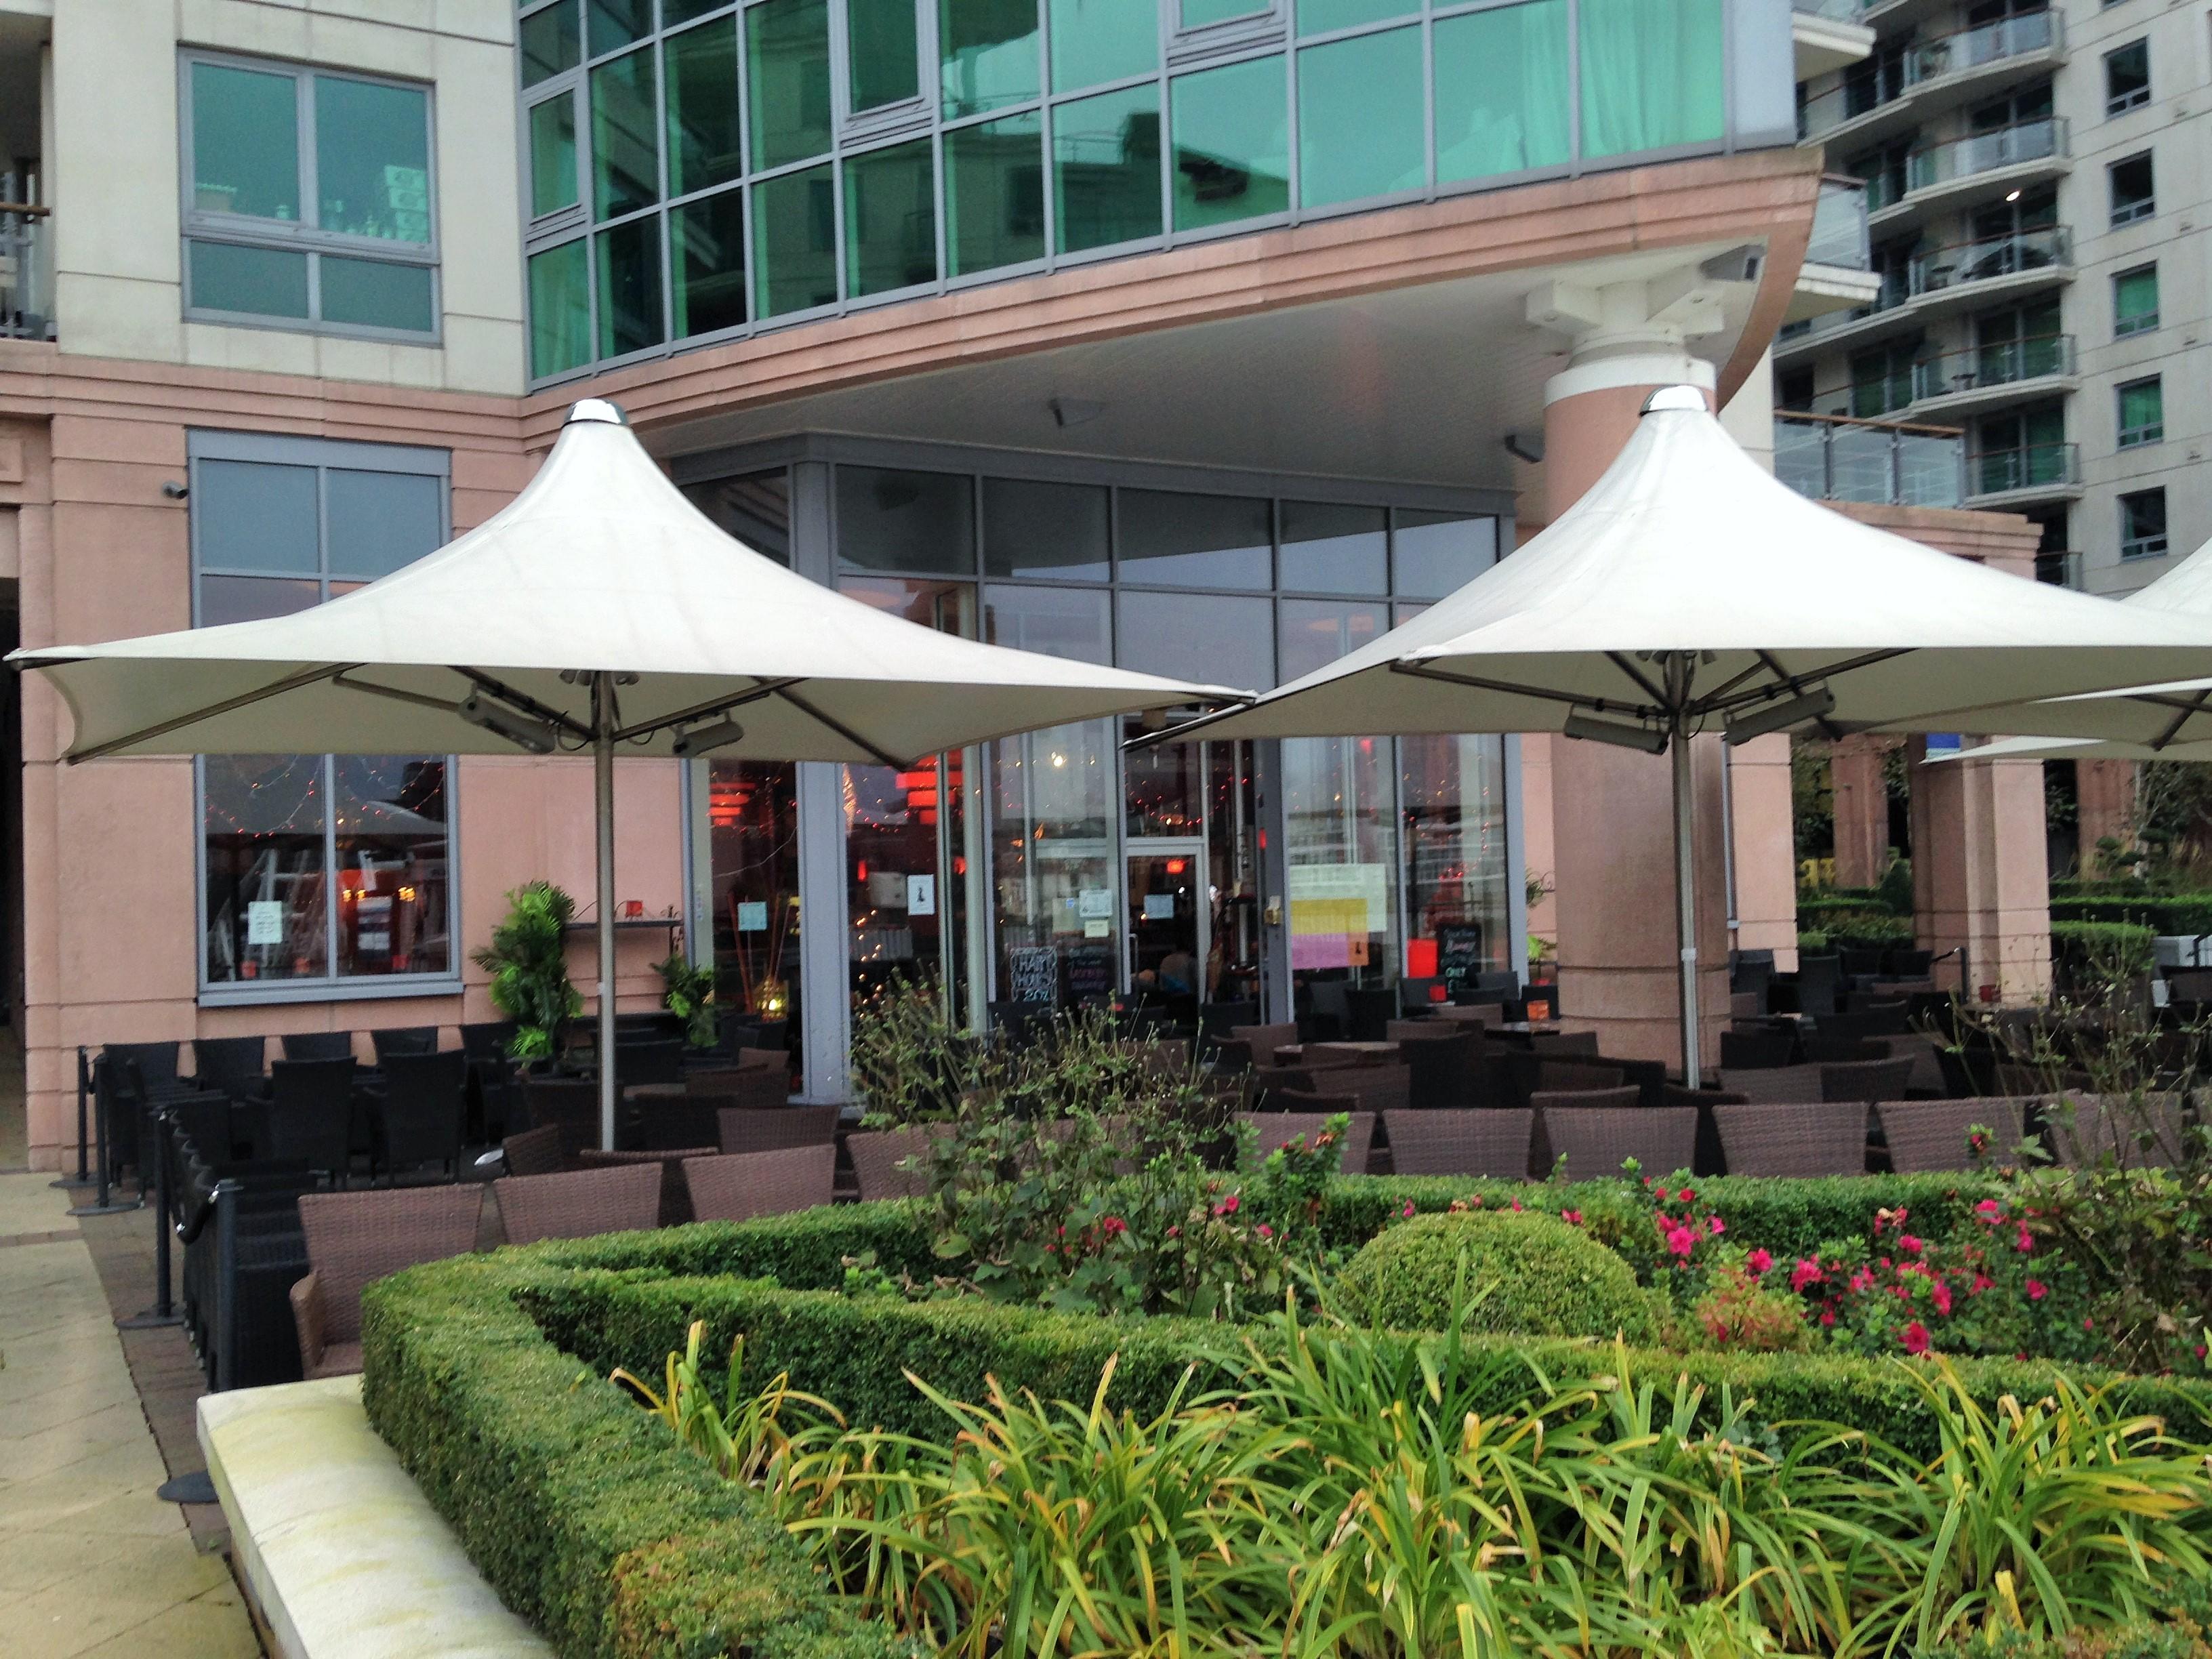 Souk River Lounge exterior - kenningtonrunoff.com